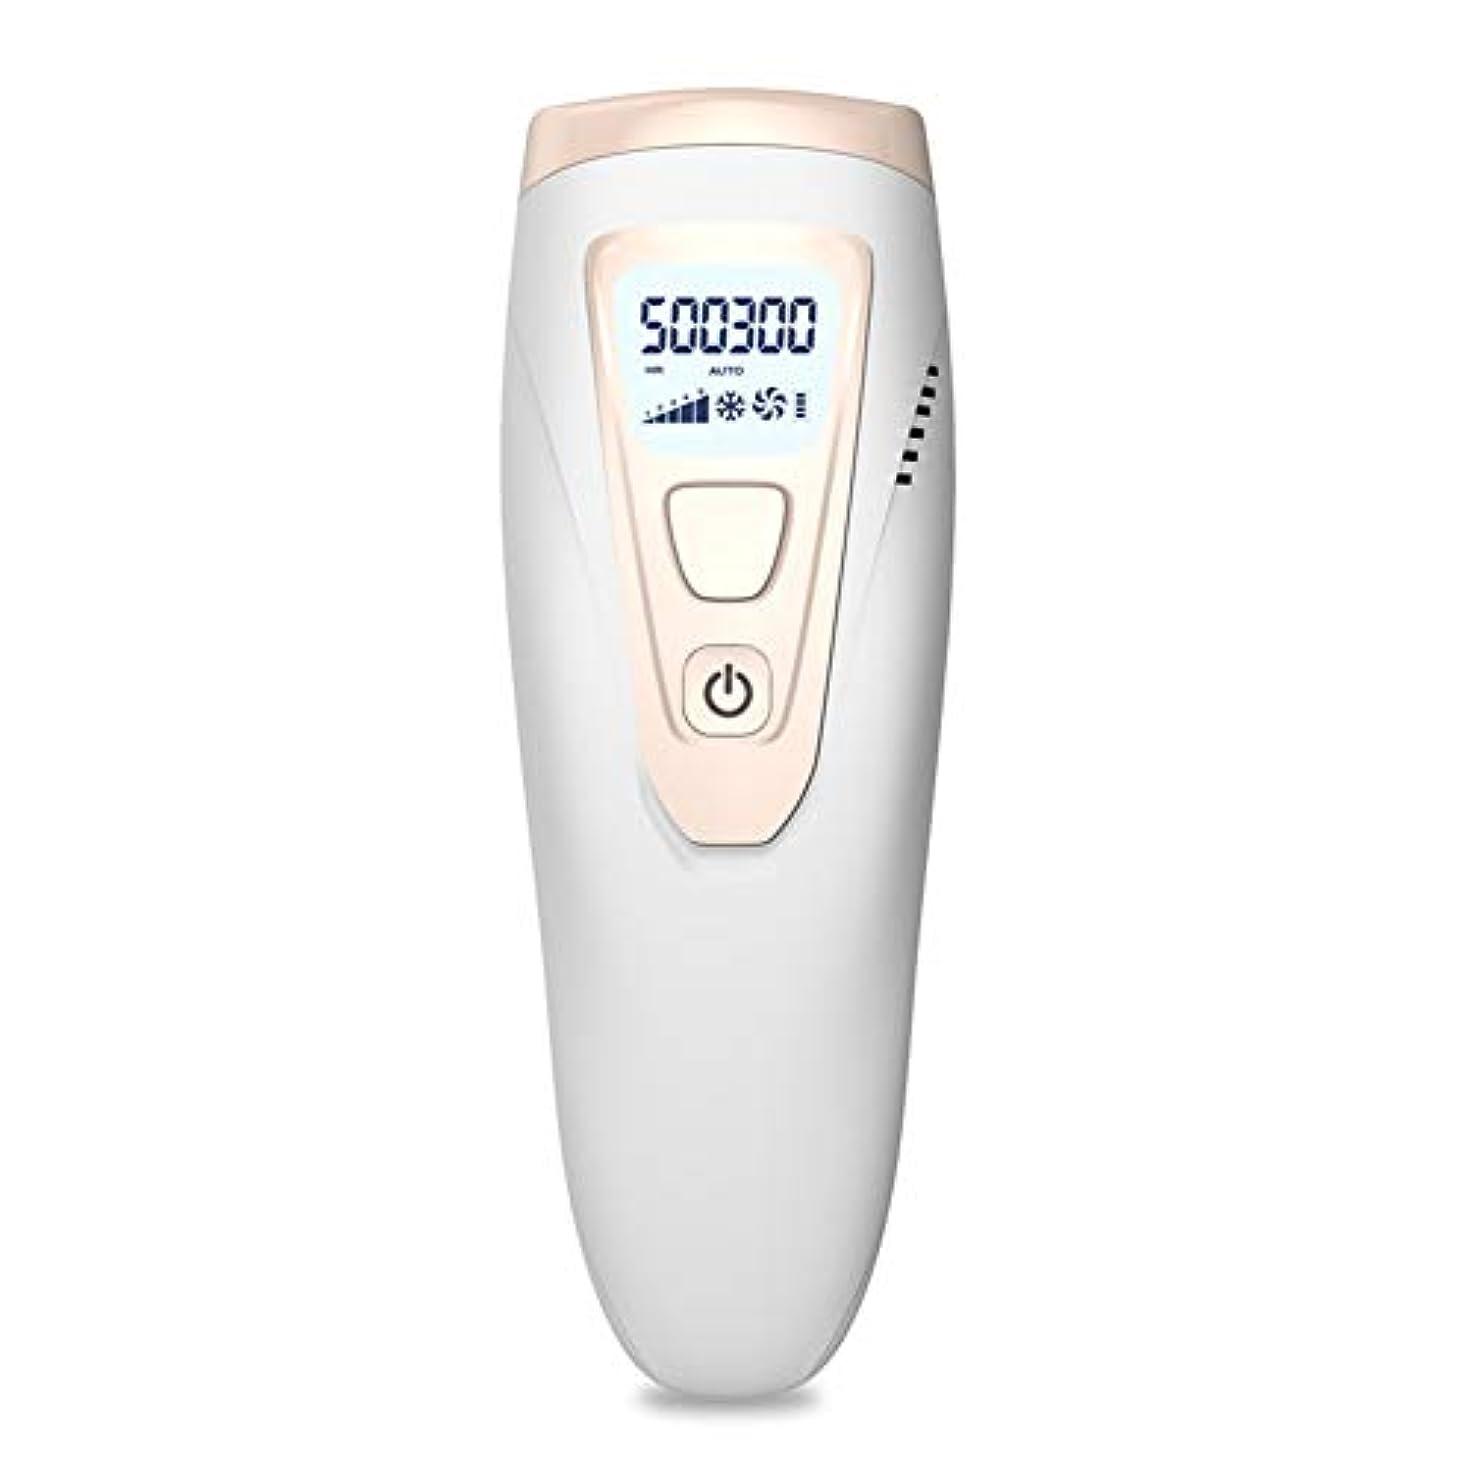 口径無力さようならアイスクールIPLレーザー脱毛システム50万回のフラッシュ無痛常設パルス光脱毛器デバイス、にとってボディフェイス脇の下ビキニライン